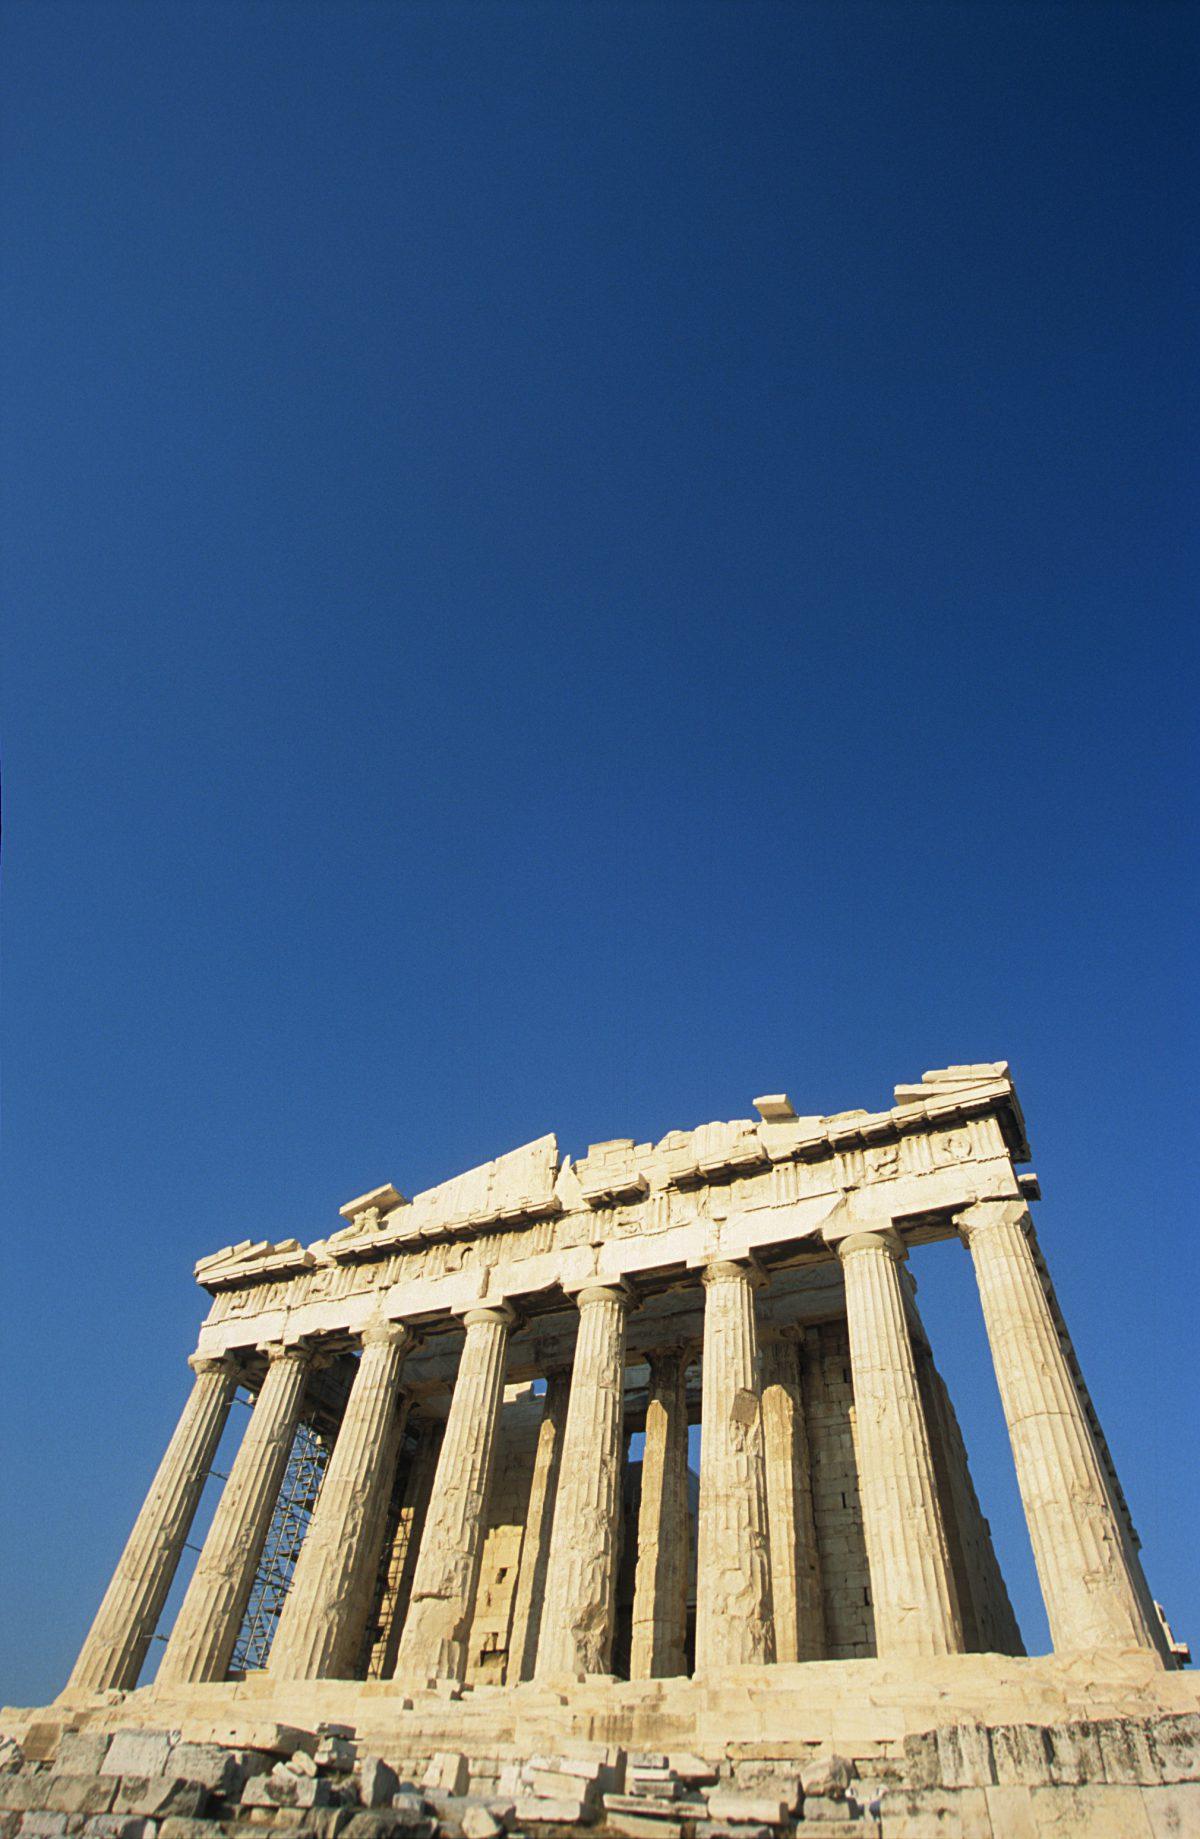 Parthenon, landmark